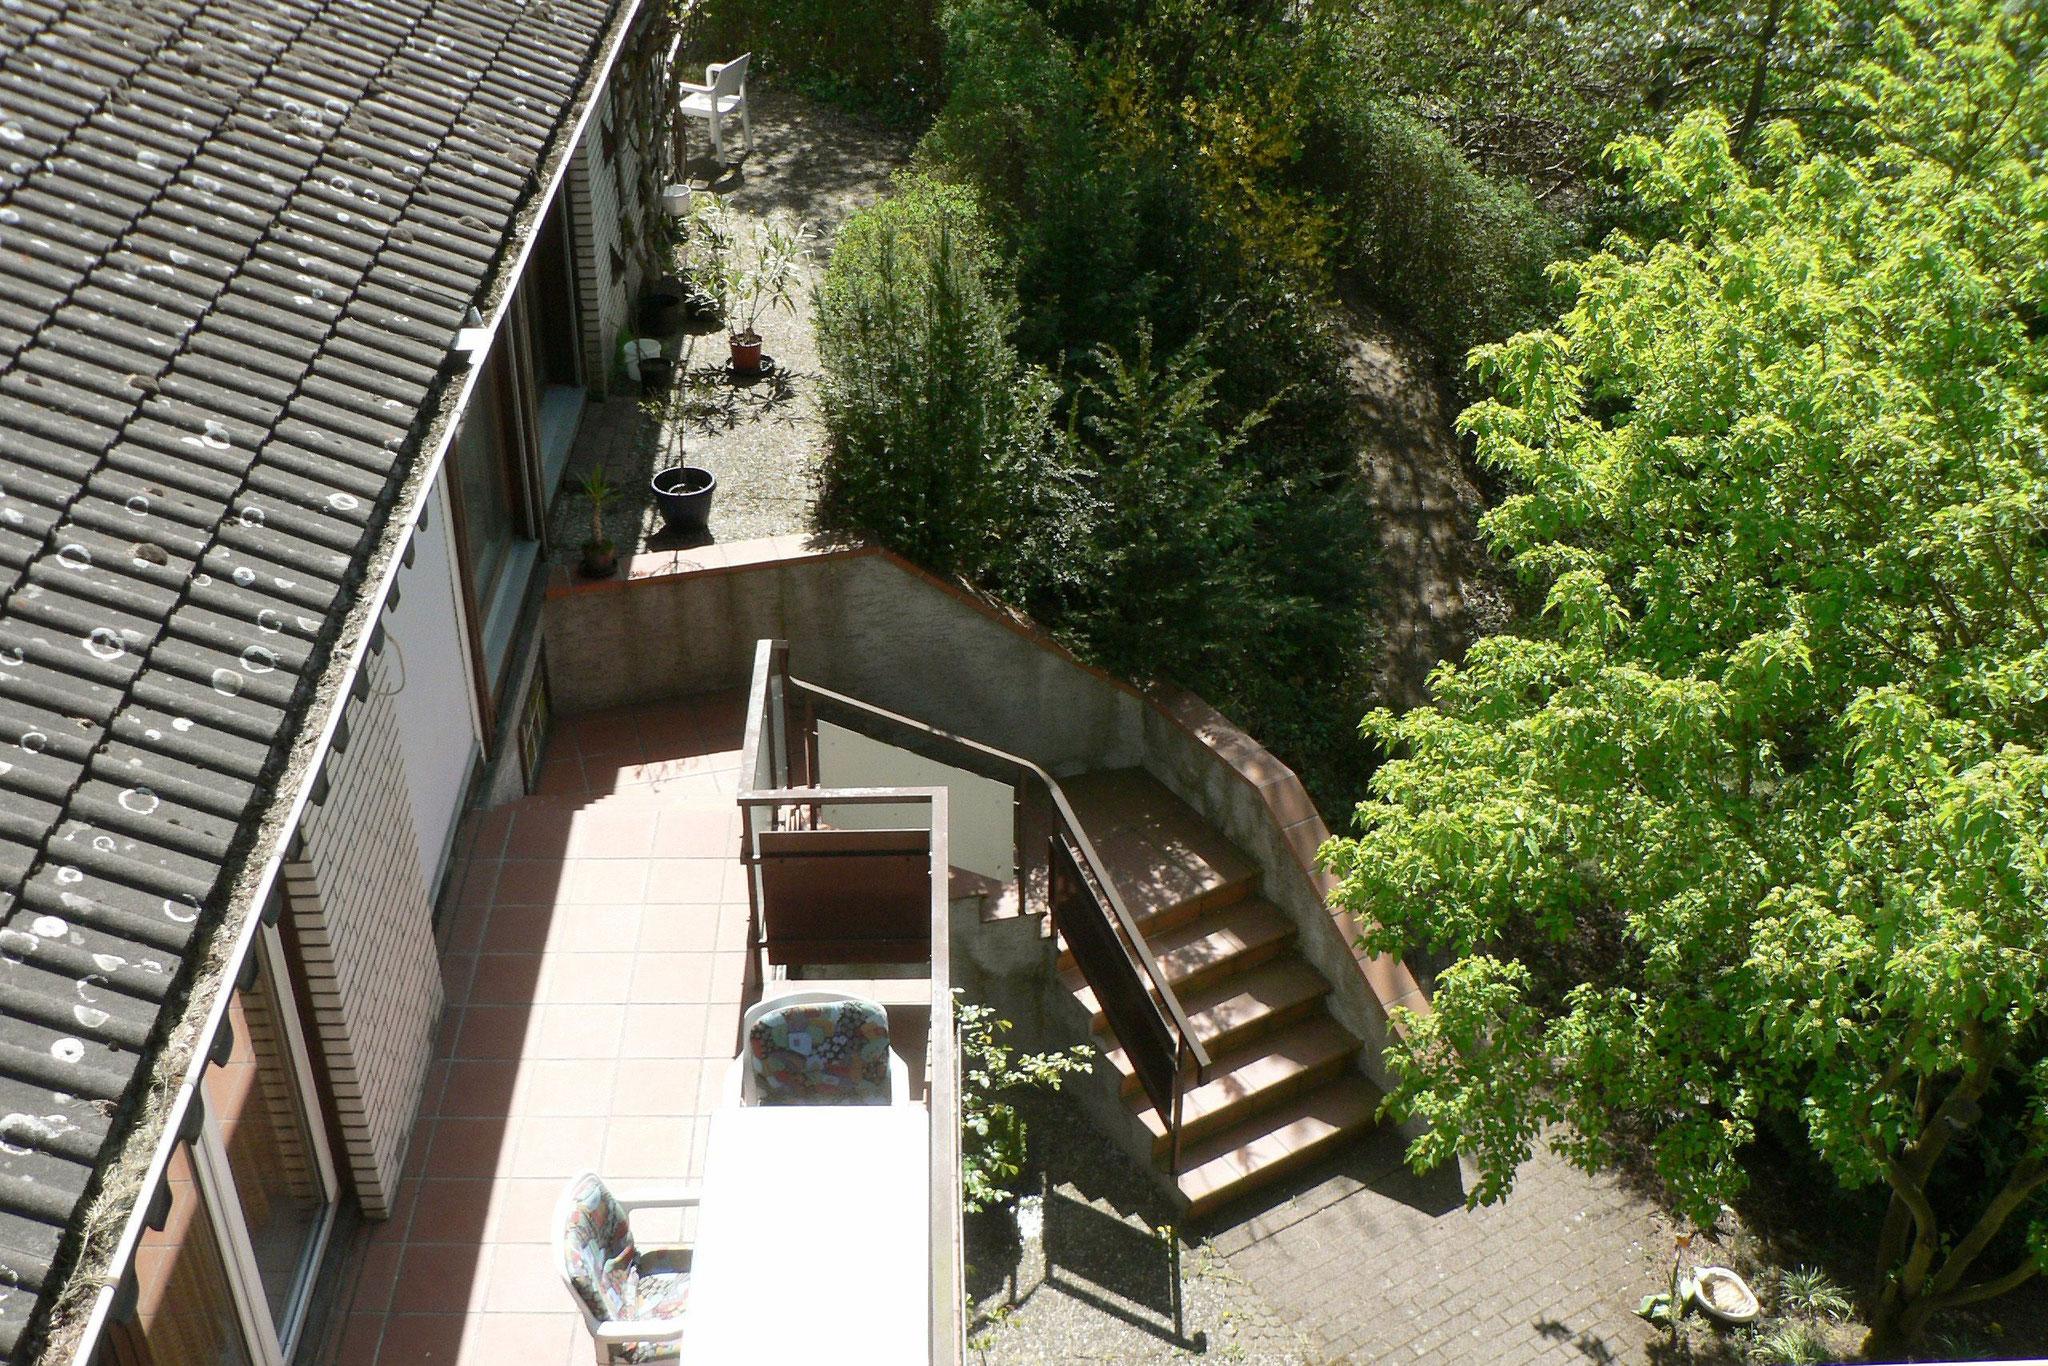 Blick vom Dach azf Eingangsbalkon  und Schwimmbadterrasse